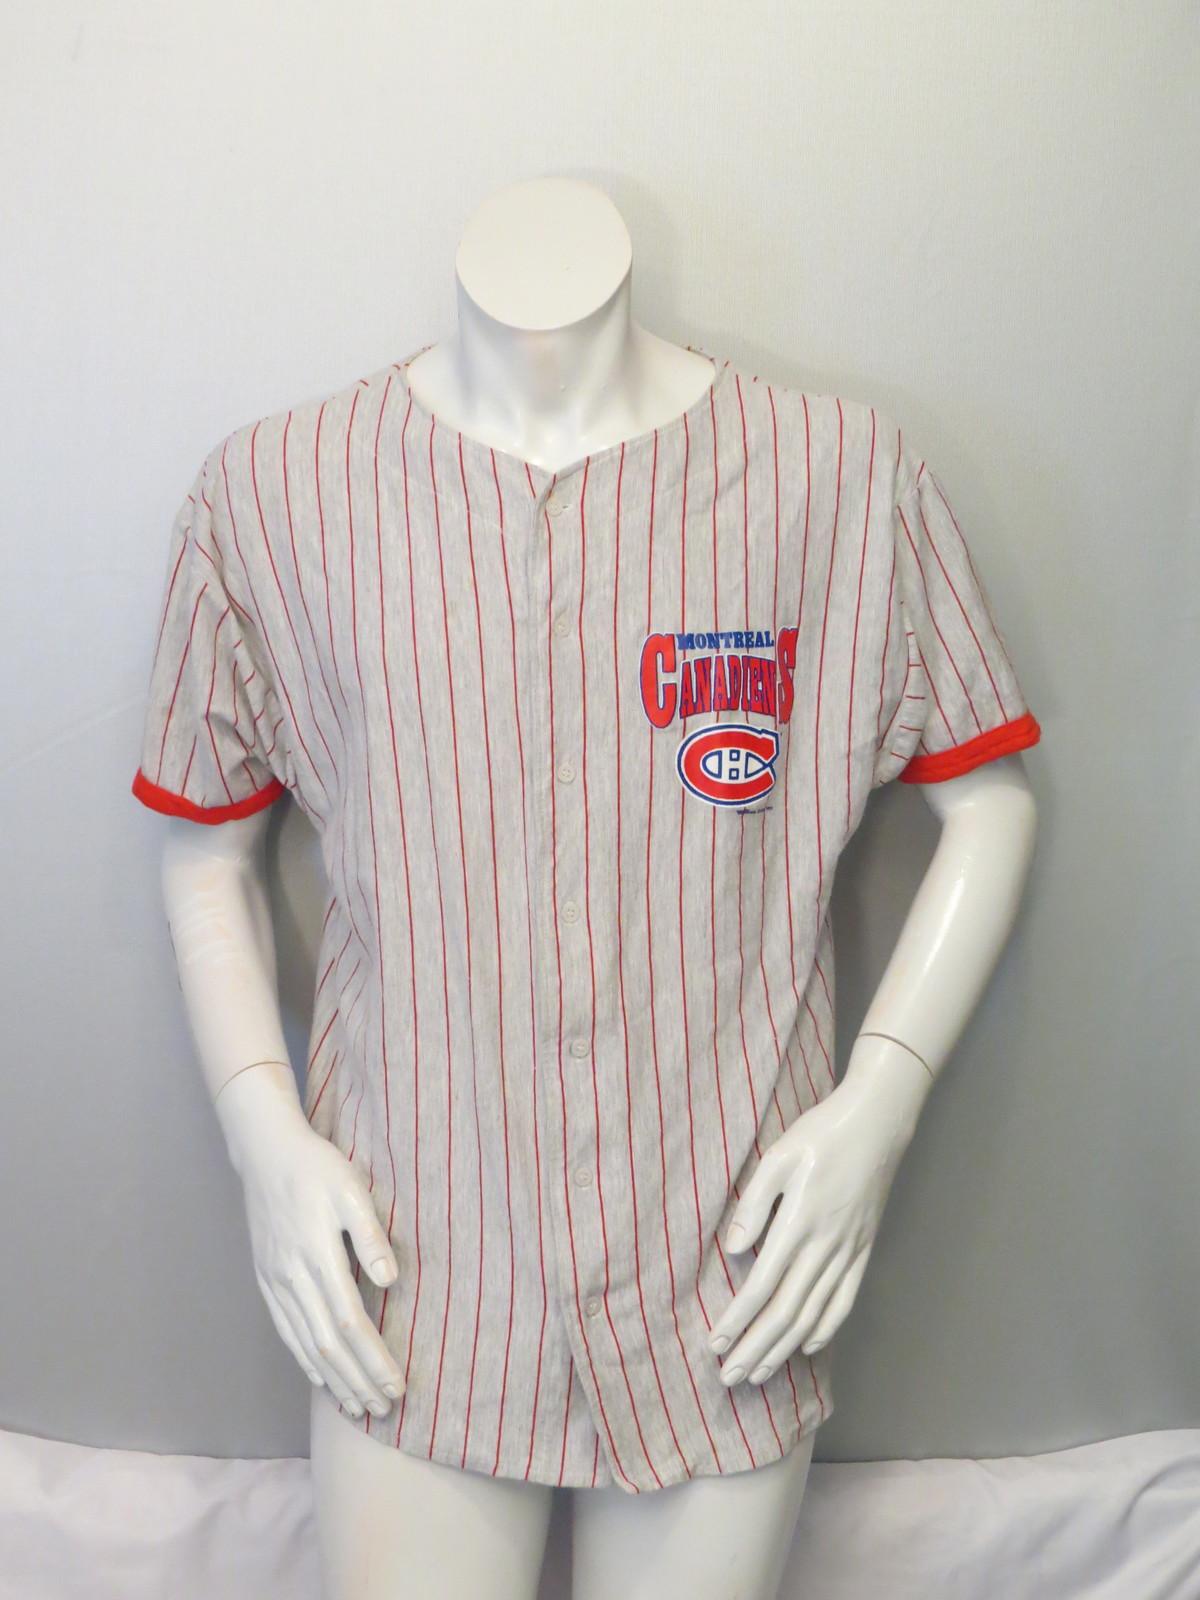 Montreal Canadiens Baseball Jersey - Pin and 27 similar items. Img 8311 96979dd50